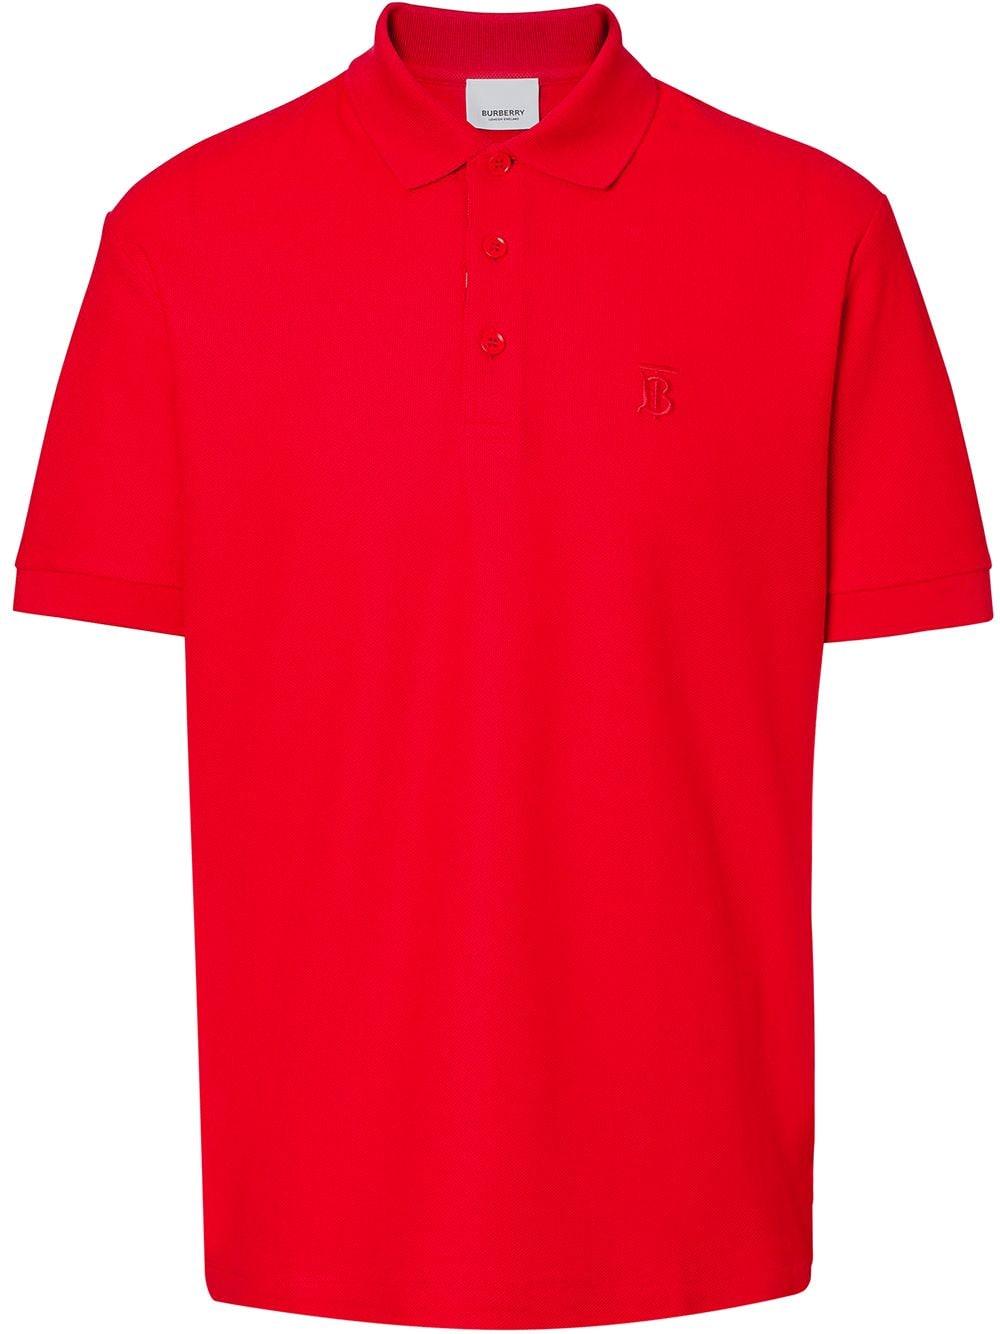 Burberry Poloshirt mit Monogramm - Rot